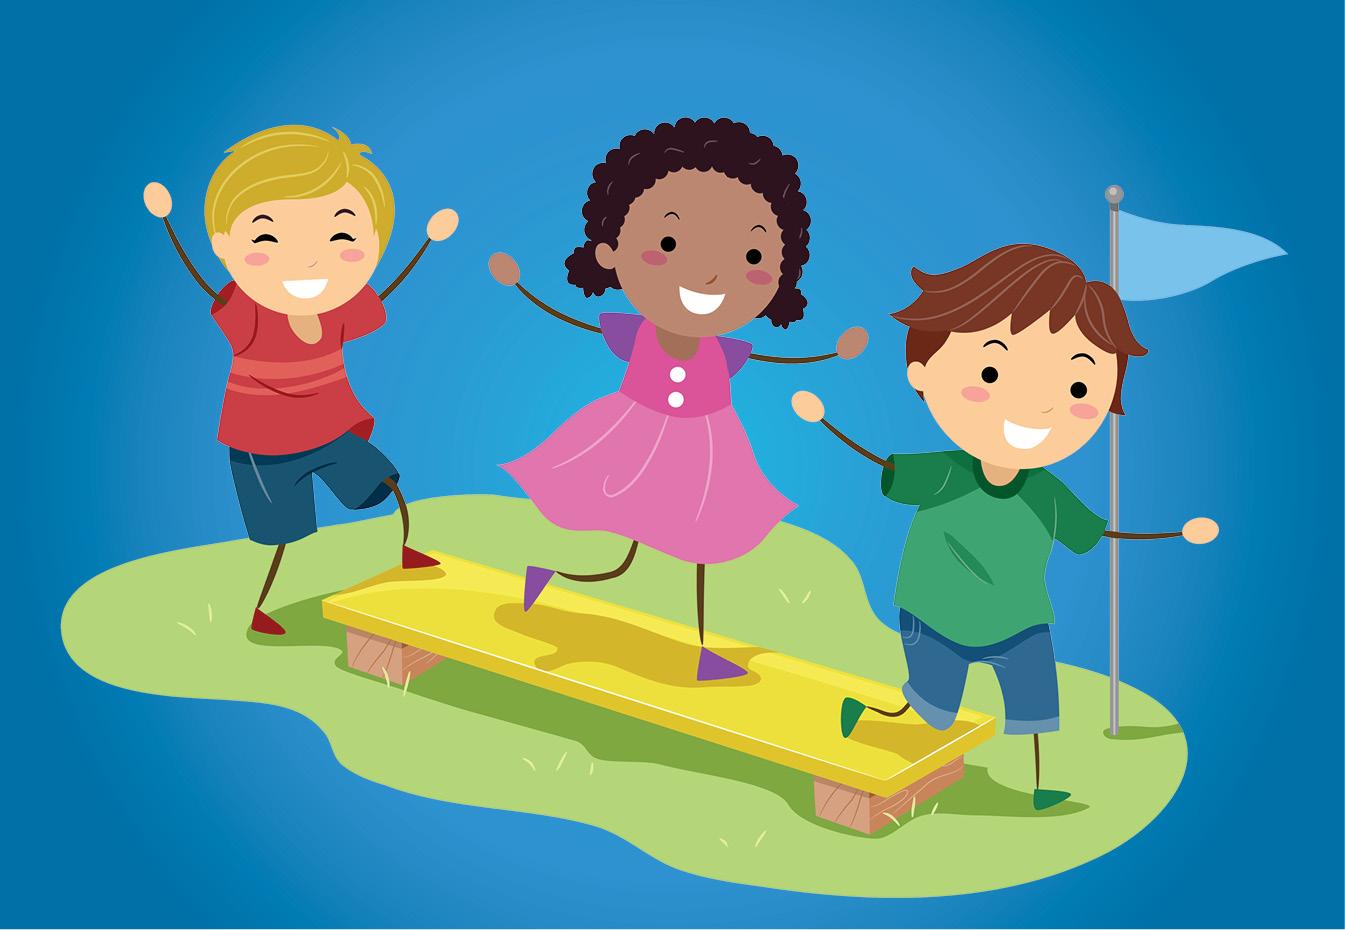 «Les p'tits bouts – astuce 3» </br><b>Les bonnes idées de Béa et Zina à faire avec les enfants de 1 à 3 ans</b>